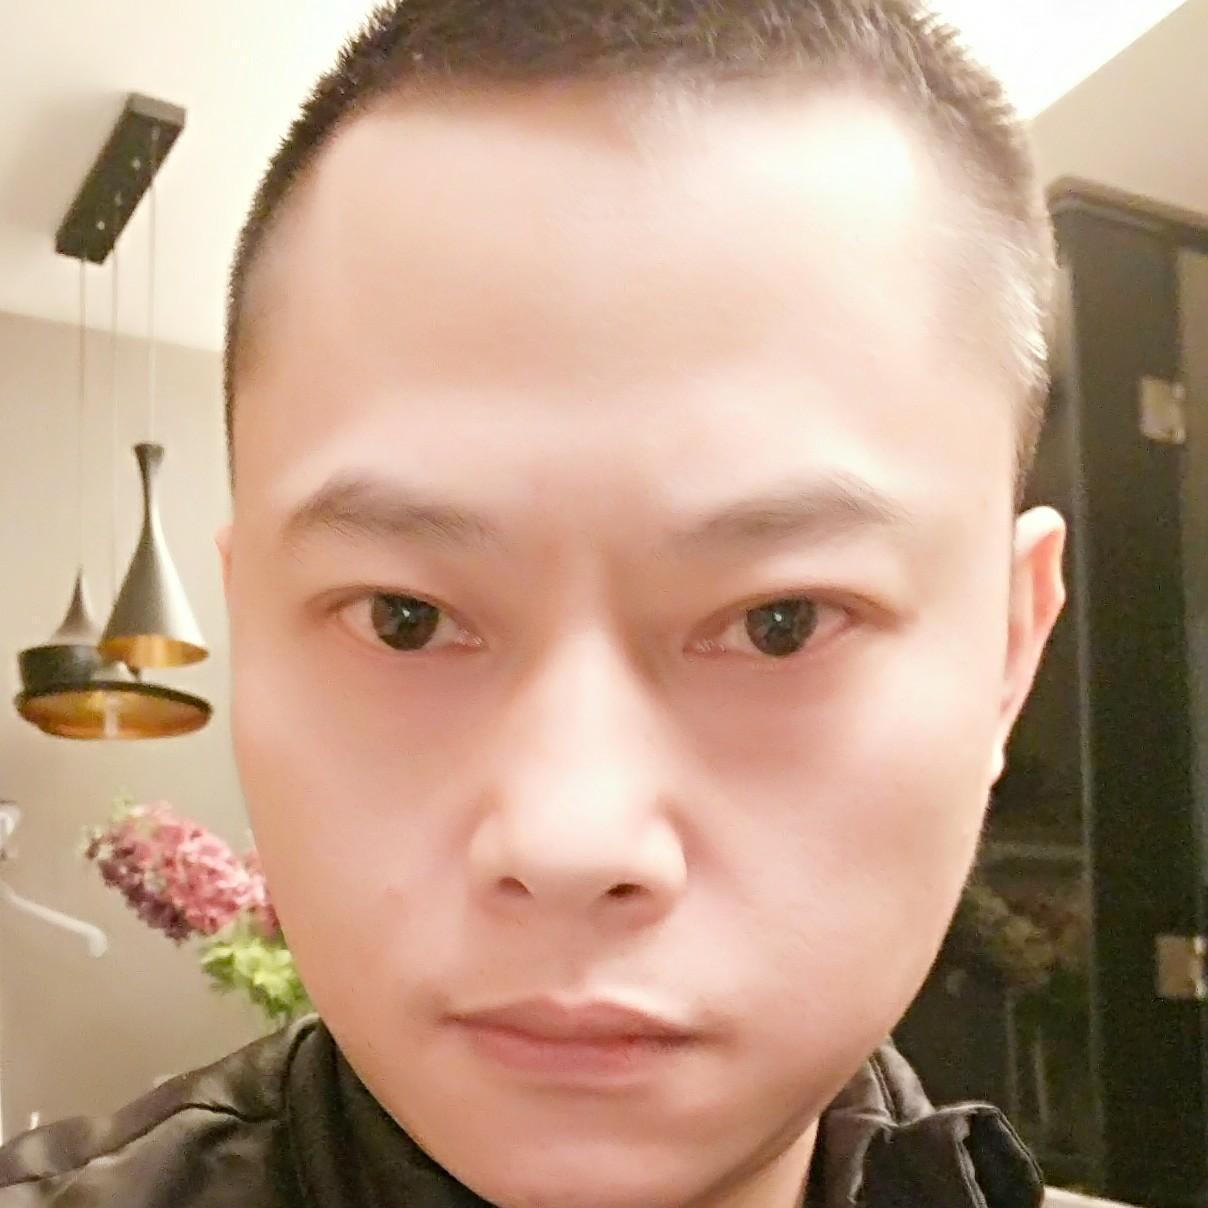 成都万商聚集电子商务有限公司总监李绍明照片